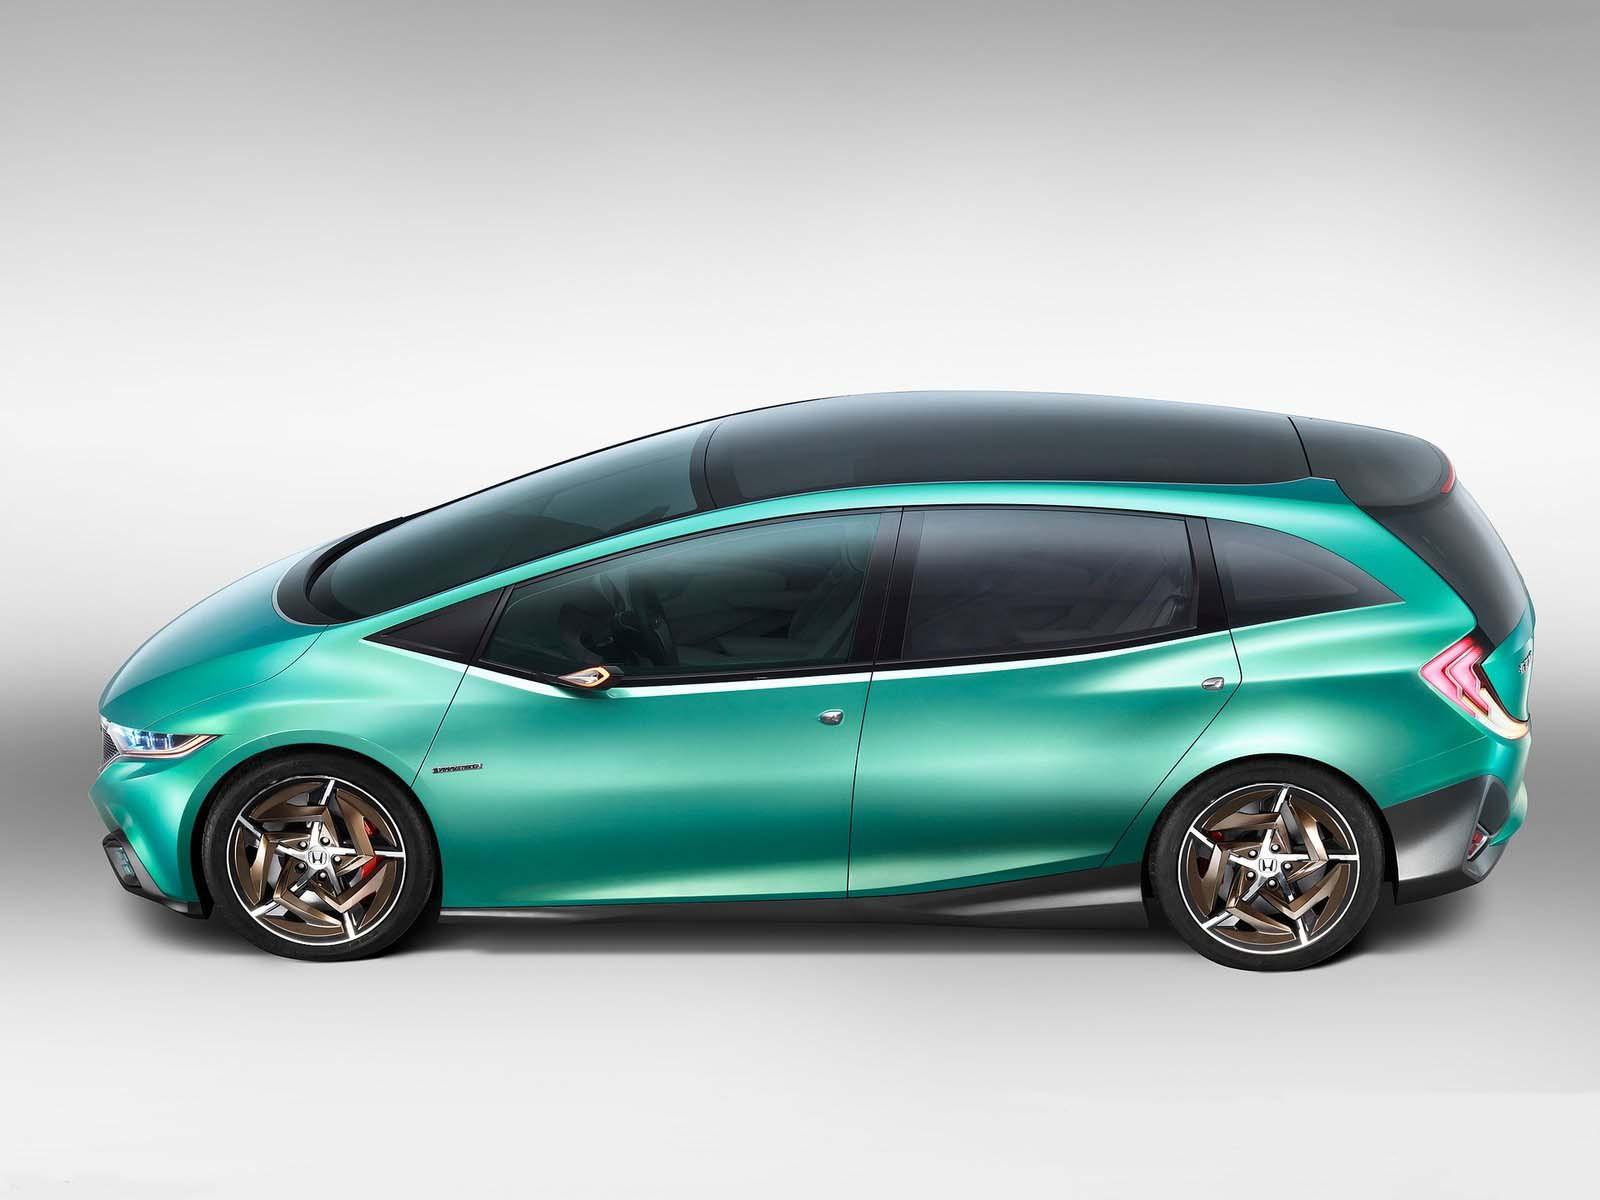 http://4.bp.blogspot.com/-6-x_SoLQp6Y/T-CCiI9kDyI/AAAAAAAADck/xfrqOjjy3Ac/s1600/Honda+S+Concept+hd+Wallpapers+2012_1.jpg